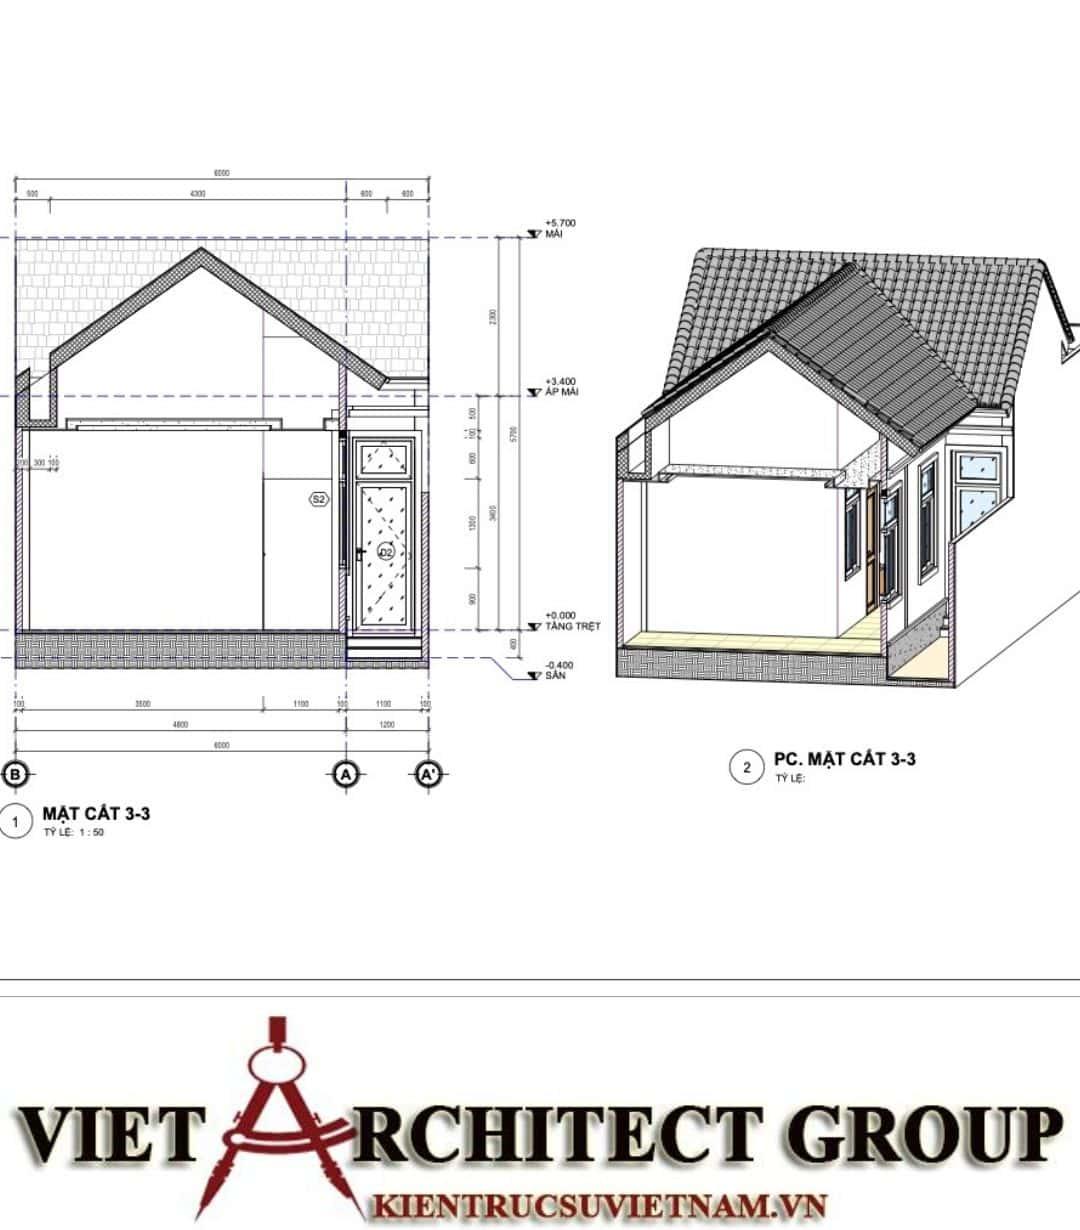 7 13 - Công trình nhà ở trệt mái thái diện tích 120m2 Mr Thi - Thủ Đức, TPHCM